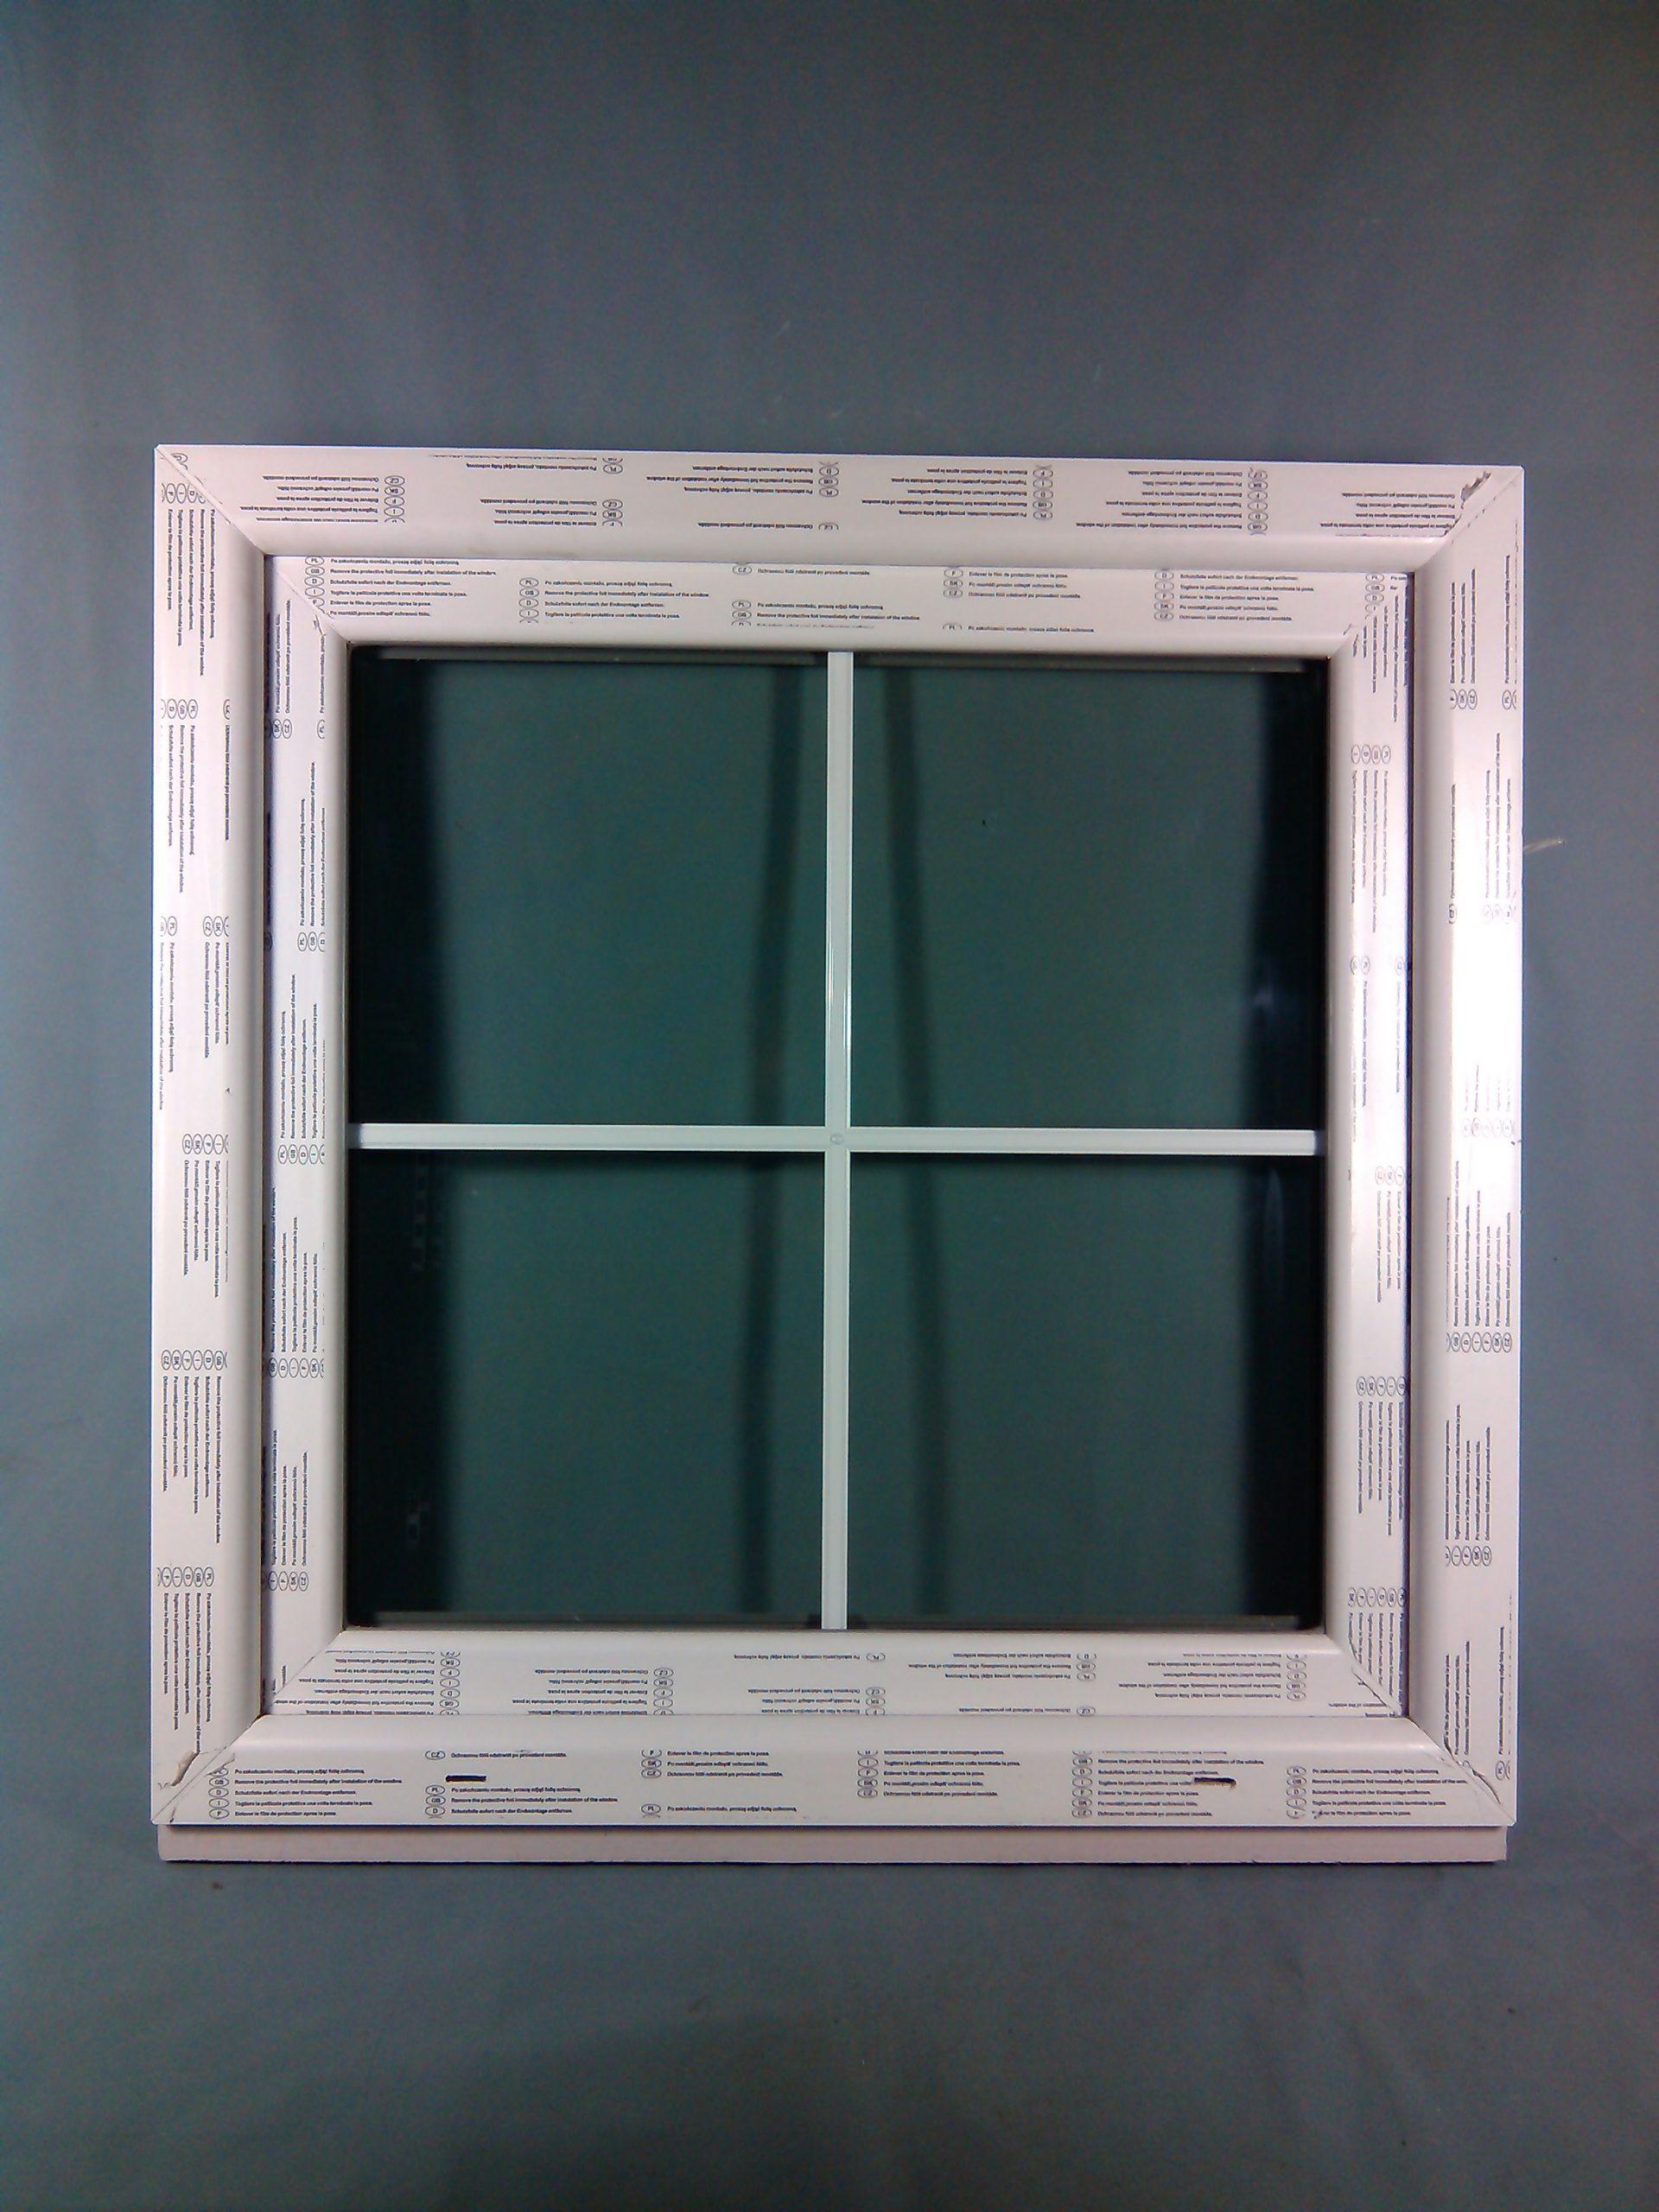 Full Size of Fenster Mit Sprossen Abc Kunststofffenster Salamander 73 Mm Bett 90x200 Lattenrost 160x200 Austauschen Kosten 120x200 Bettkasten Sonnenschutz Rolladenkasten Fenster Fenster Mit Sprossen